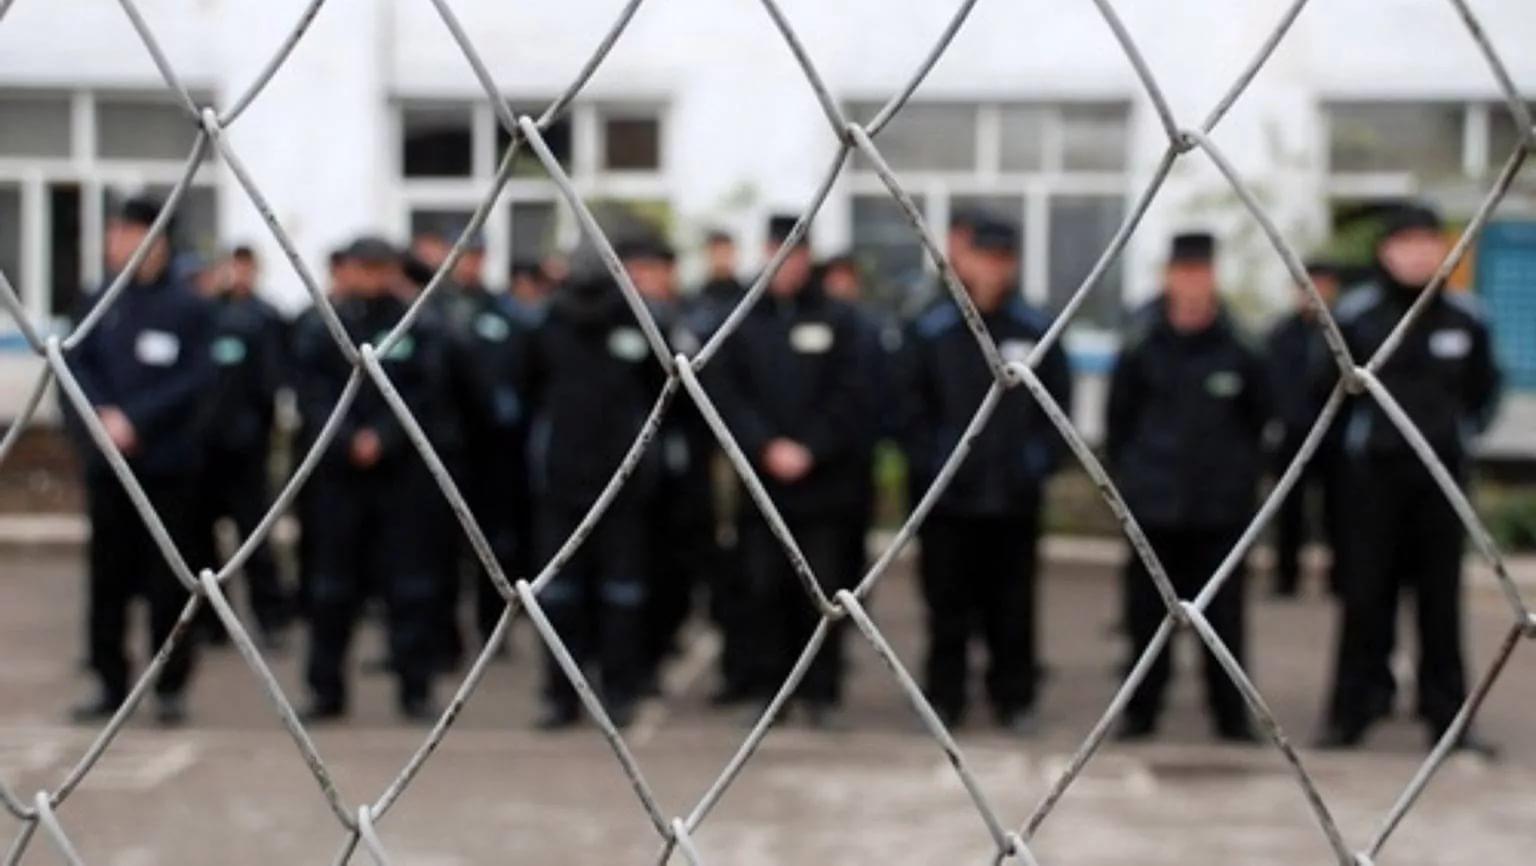 109 заключенных в Свердловской области «пересидели» свой срок